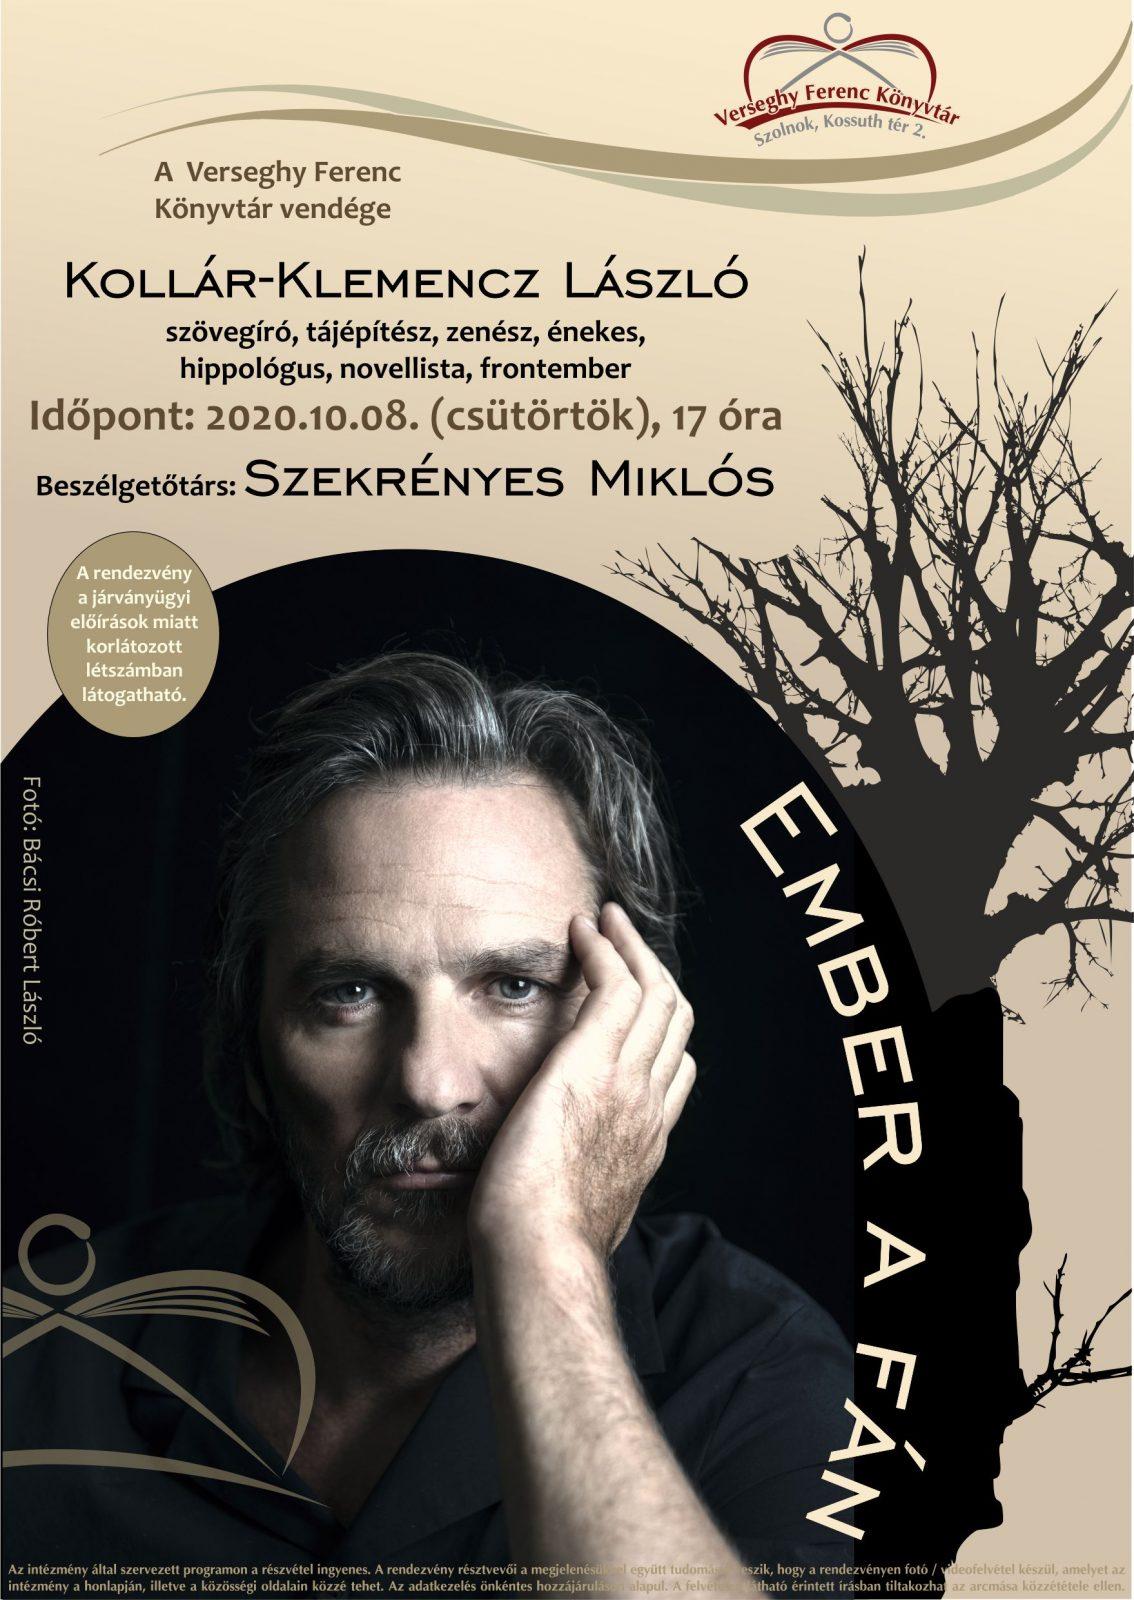 Kollár-Klemencz László